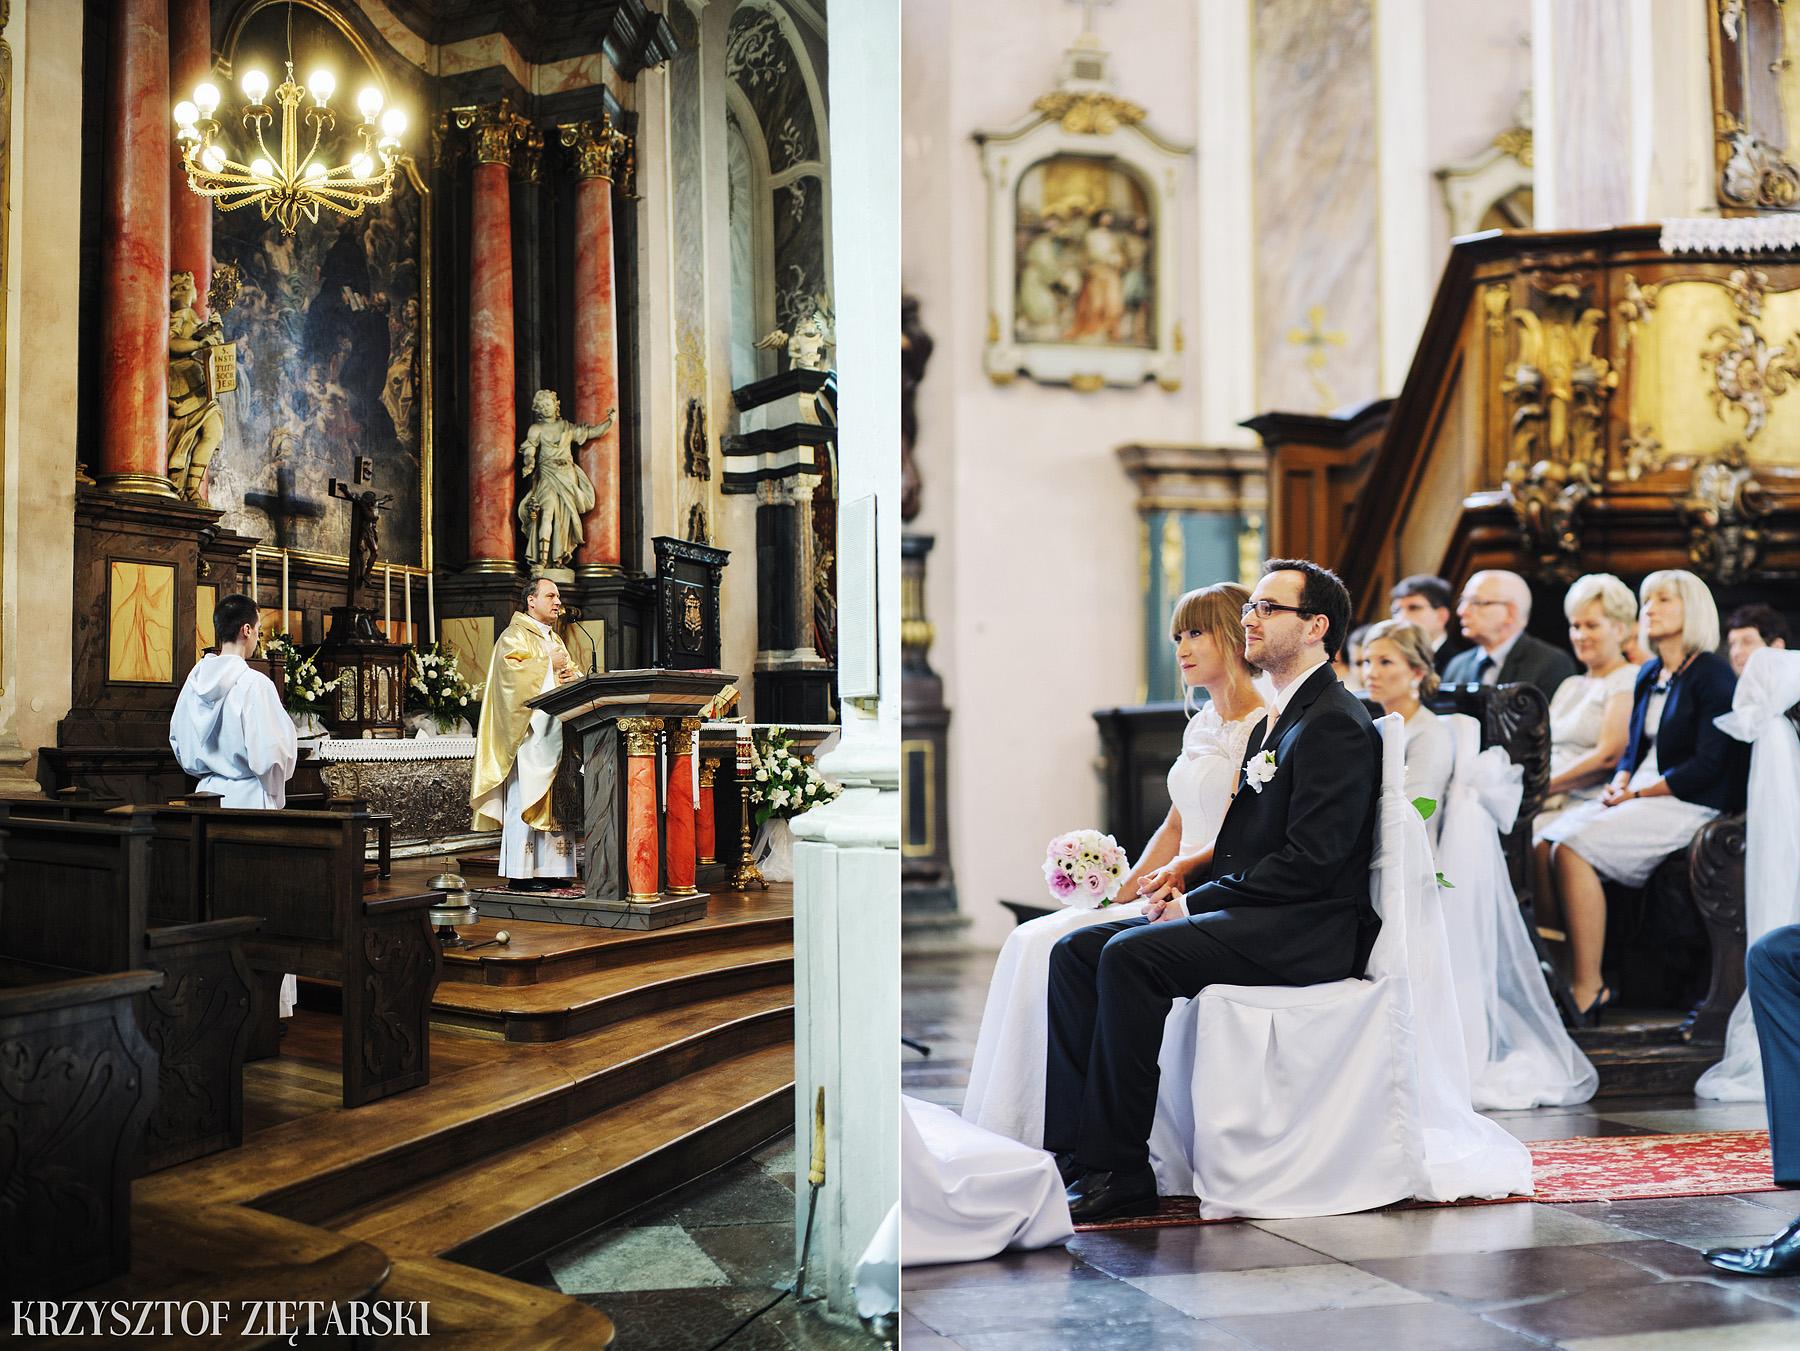 Justyna i Konrad - Fotografia ślubna Gdańsk, Kościół św.Ignacego Stare Szkoty, Restauracja Tabun Otomin - 6.